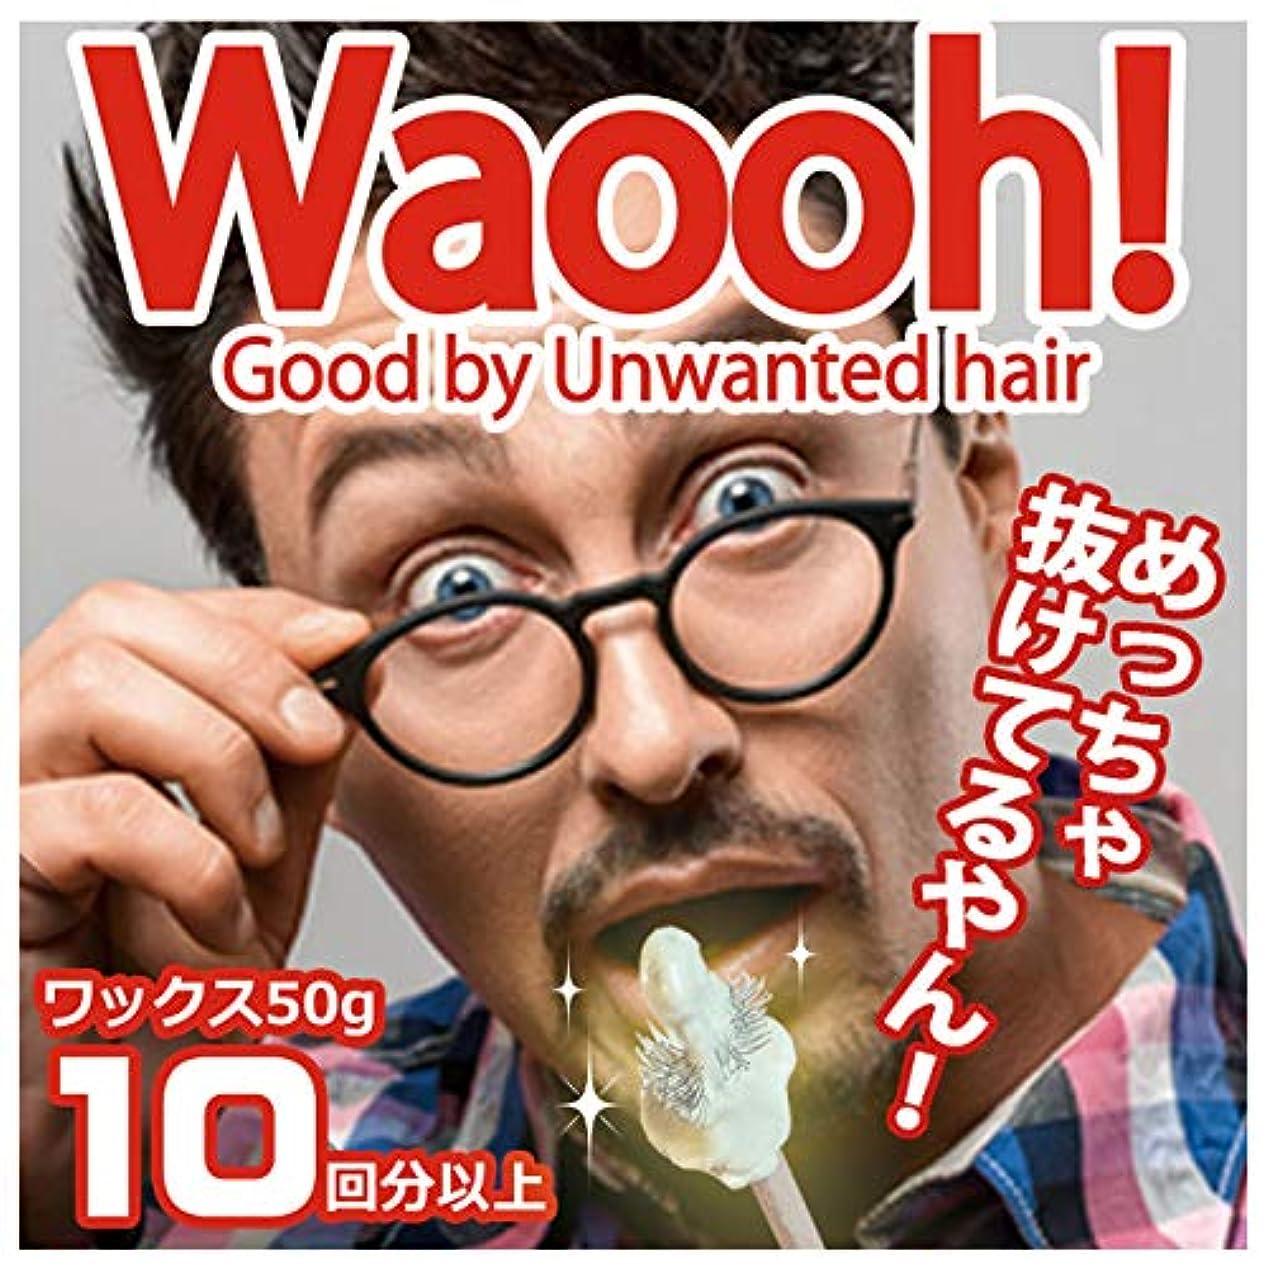 グラム噛む嘆く[Waooh]鼻毛 脱毛 ノーズワックス 鼻 ブラジリアン ワックス キット 男女兼用 (50g 10回分)